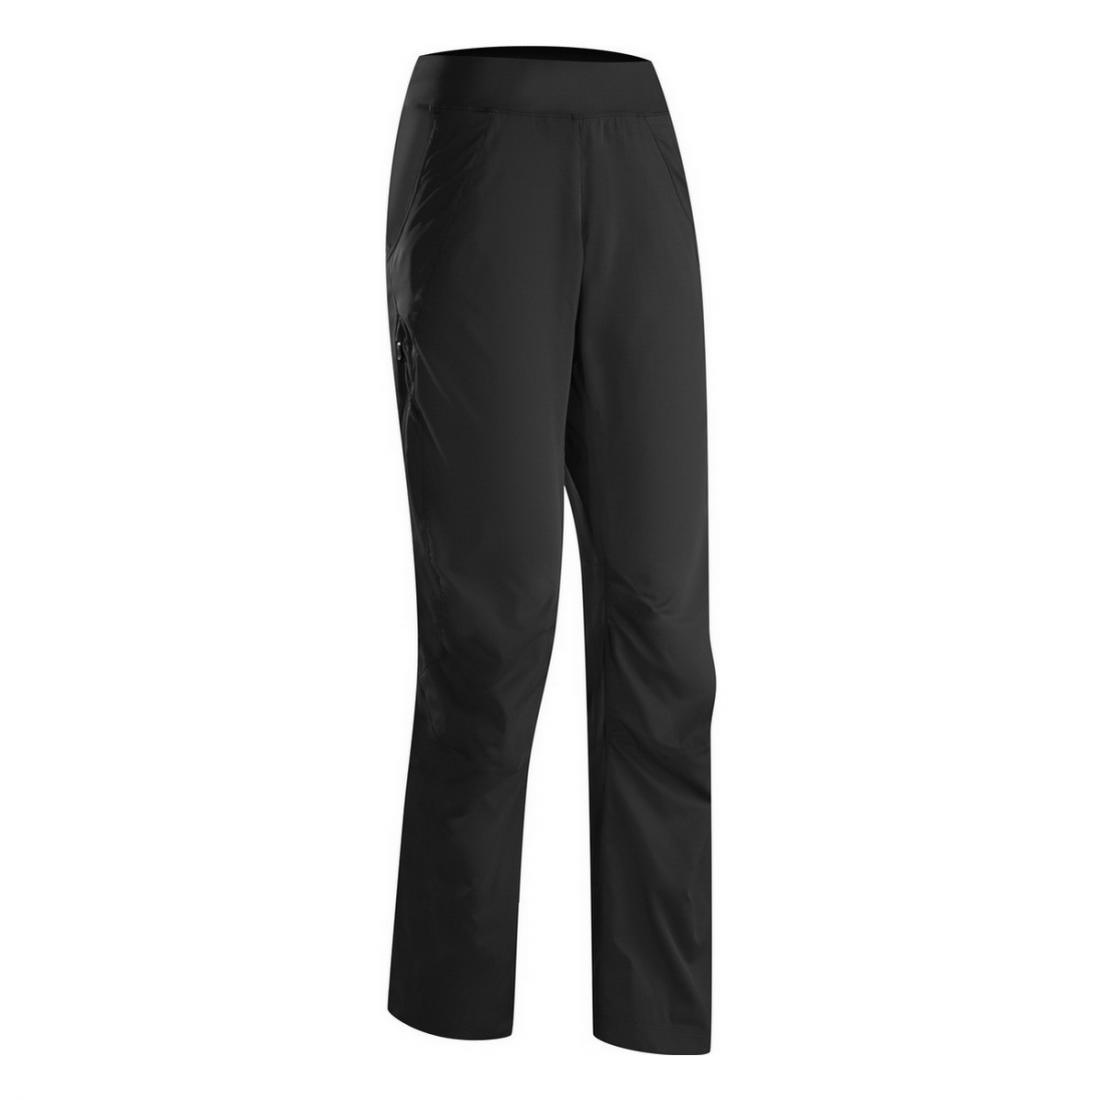 Брюки Solita жен.Брюки, штаны<br><br> Женские брюки Solita известного бренда Arcteryx – идеальная находка для бега и интенсивных тренировок на открытом воздухе. Оснащенные эласти...<br><br>Цвет: Темно-серый<br>Размер: L